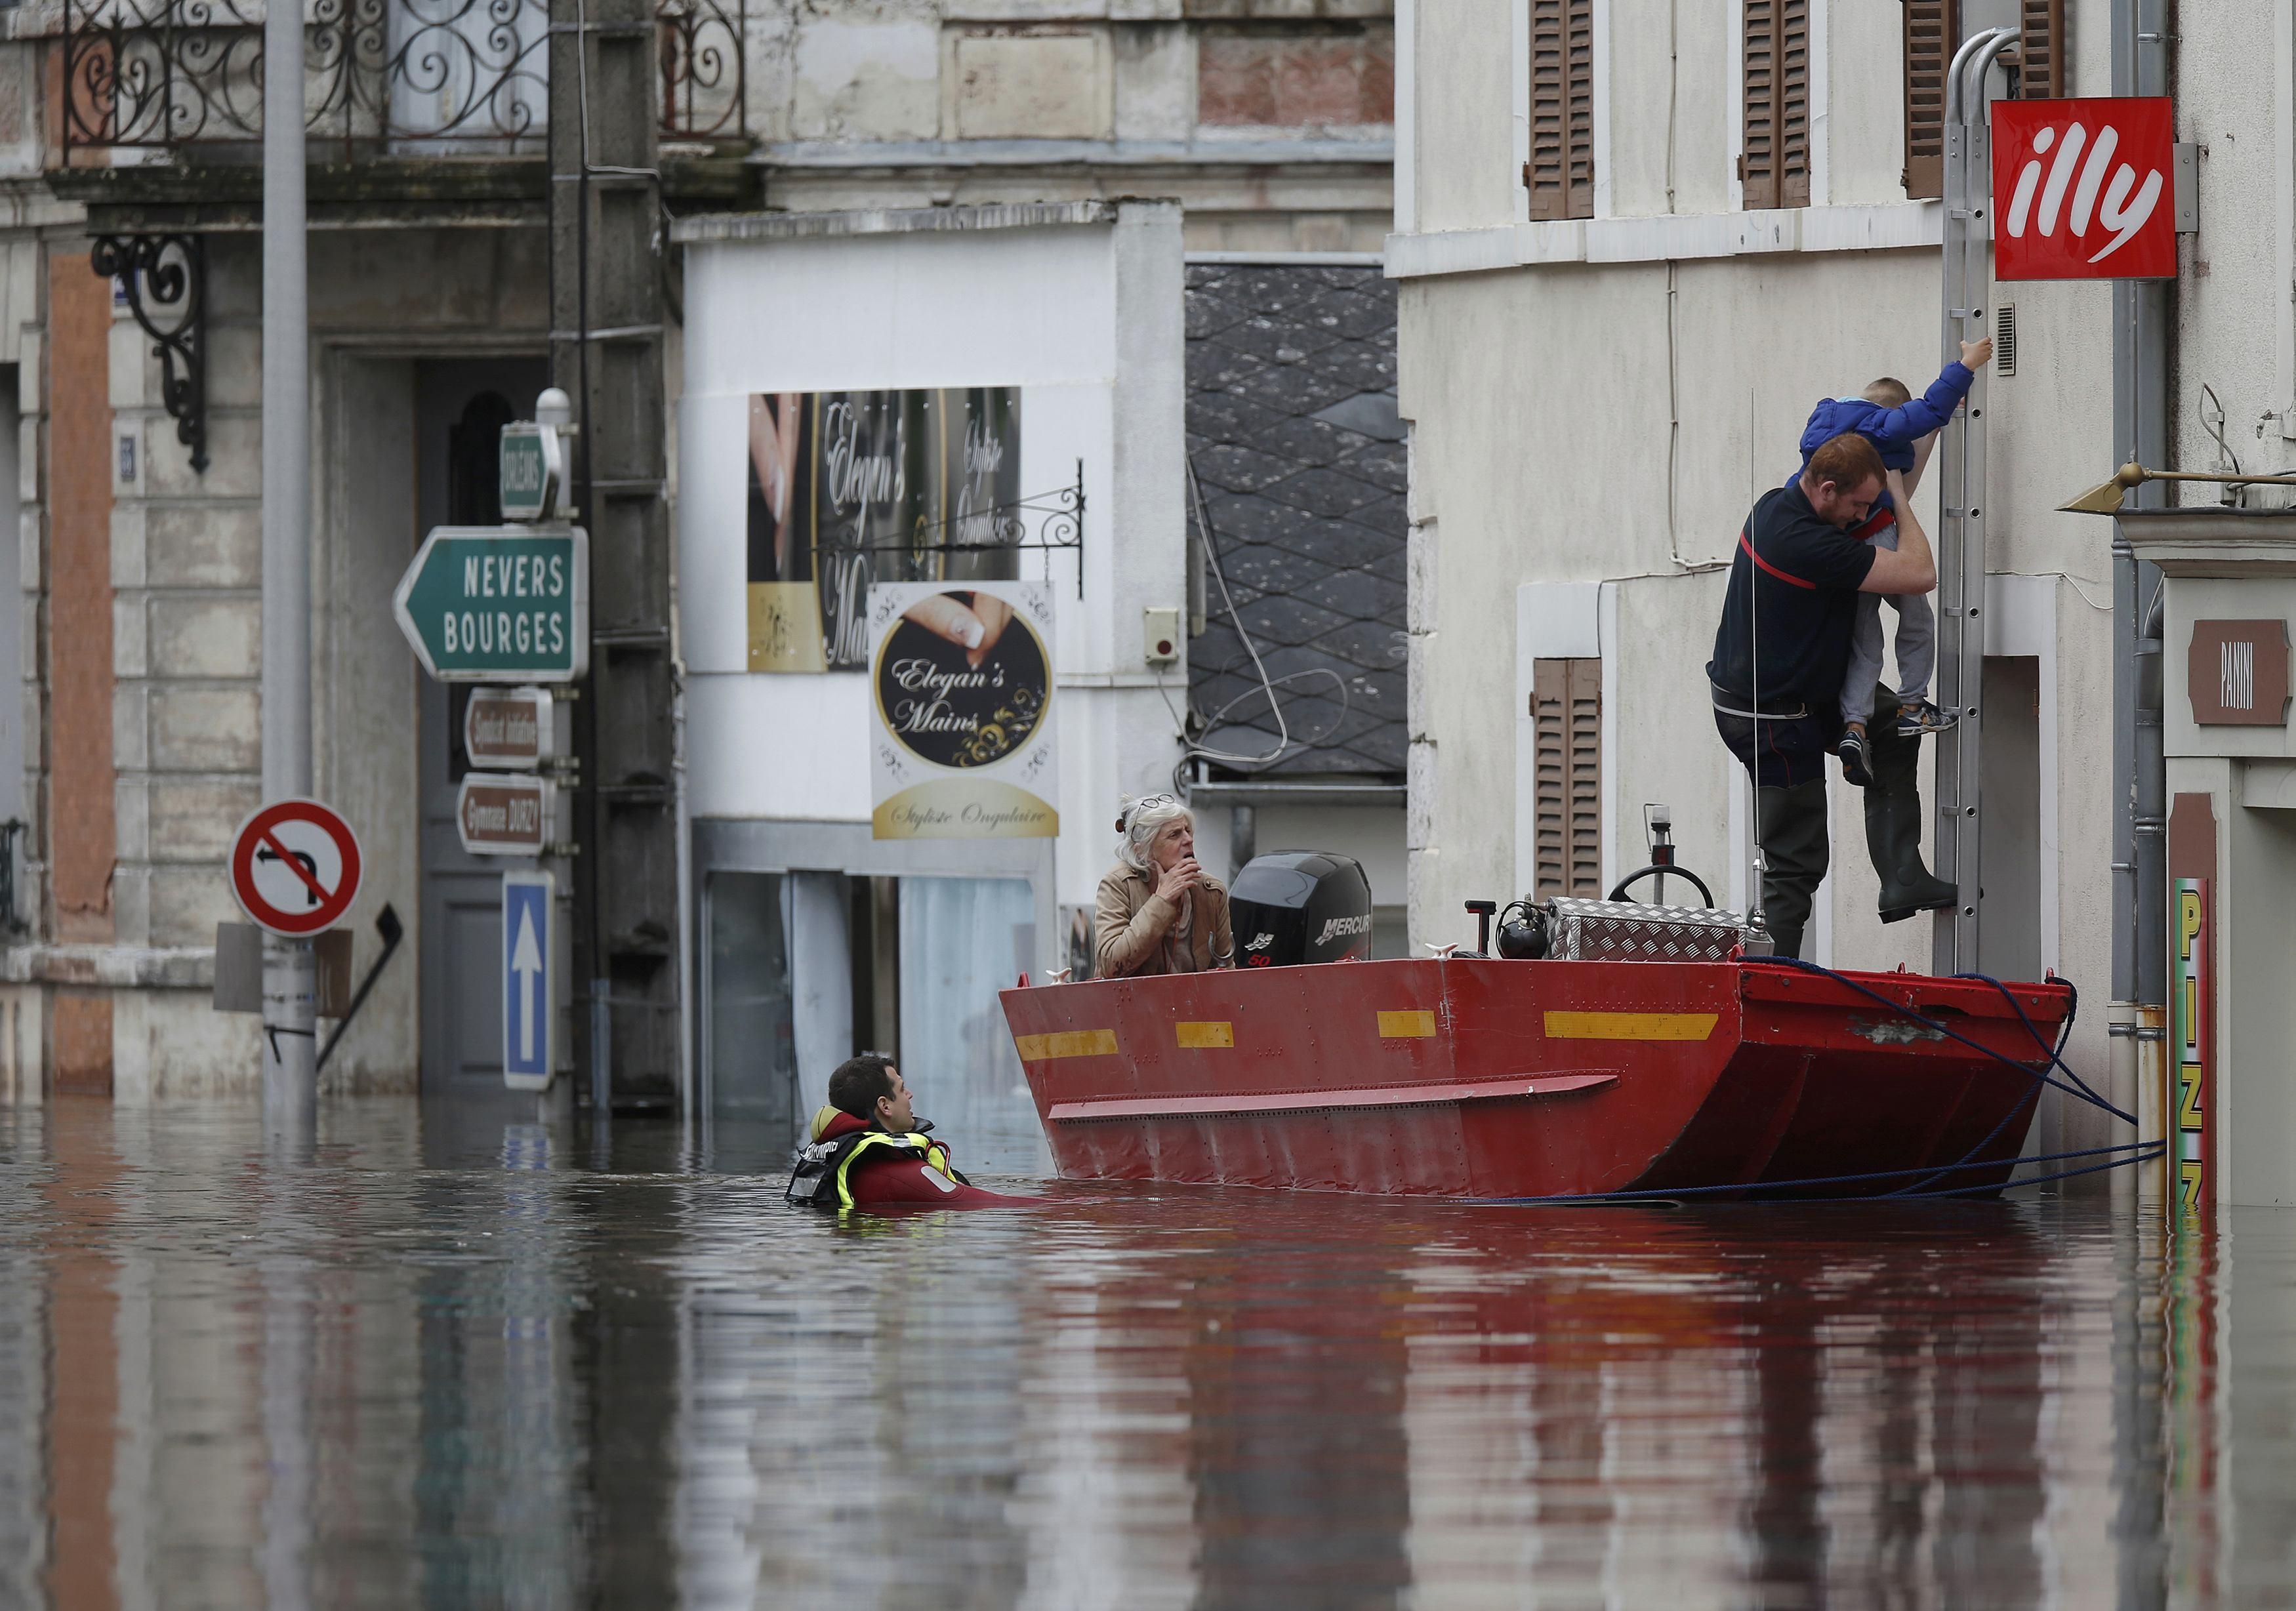 Lính cứu hỏa dùng thuyền đưa người dân sống trên tầng cao của những ngôi nhà ngập lụt ở Montargis tới khu vực an toàn (Ảnh: Reuters)